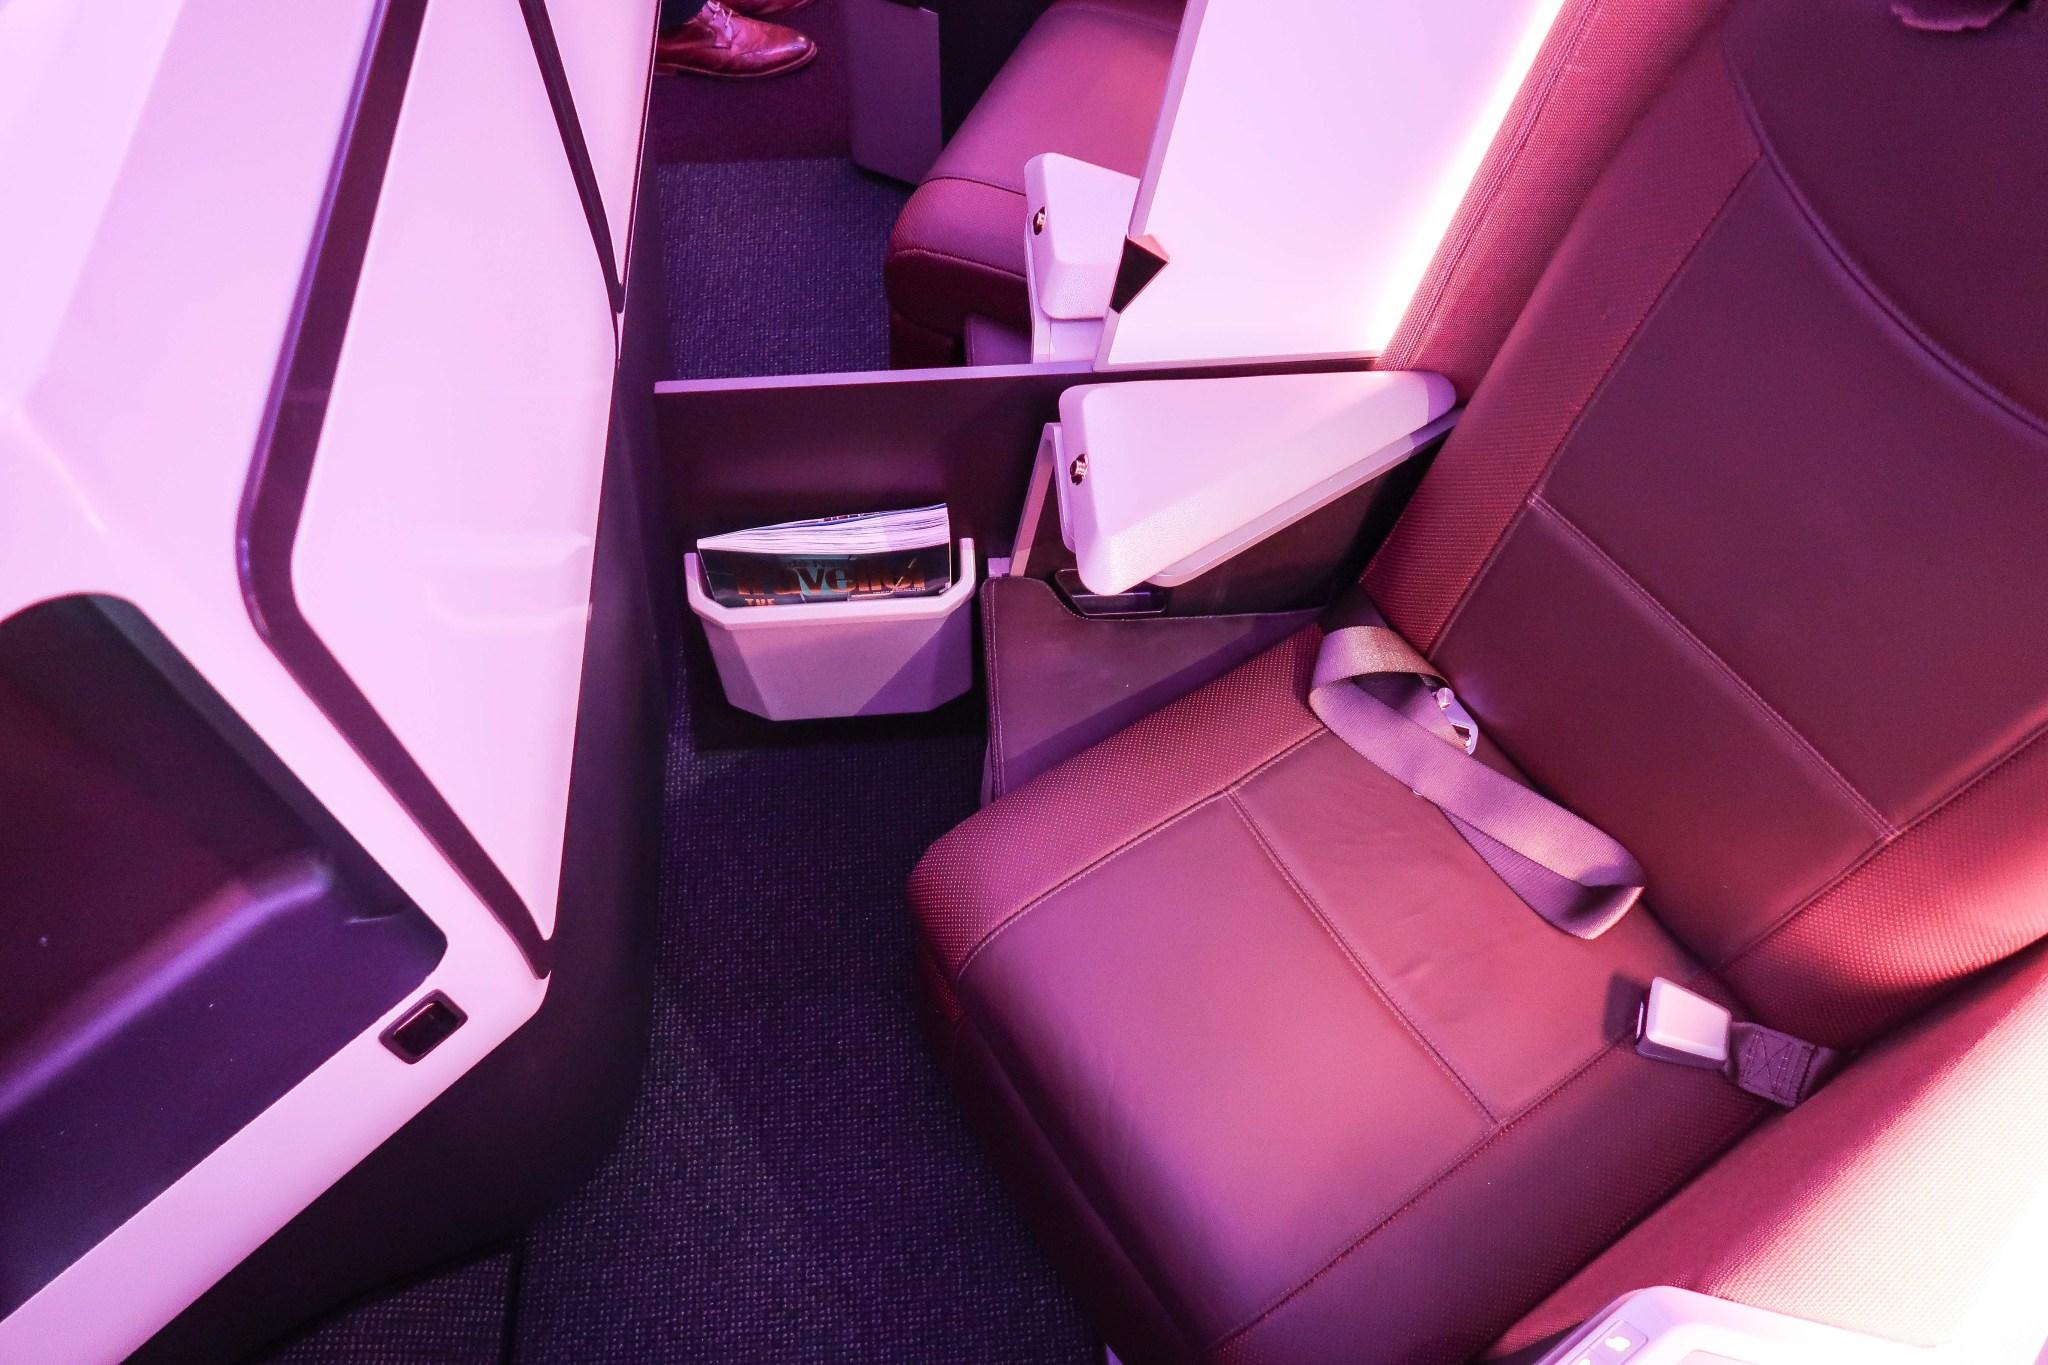 British Airways Club Suite Vs Virgin Upper Class Suite